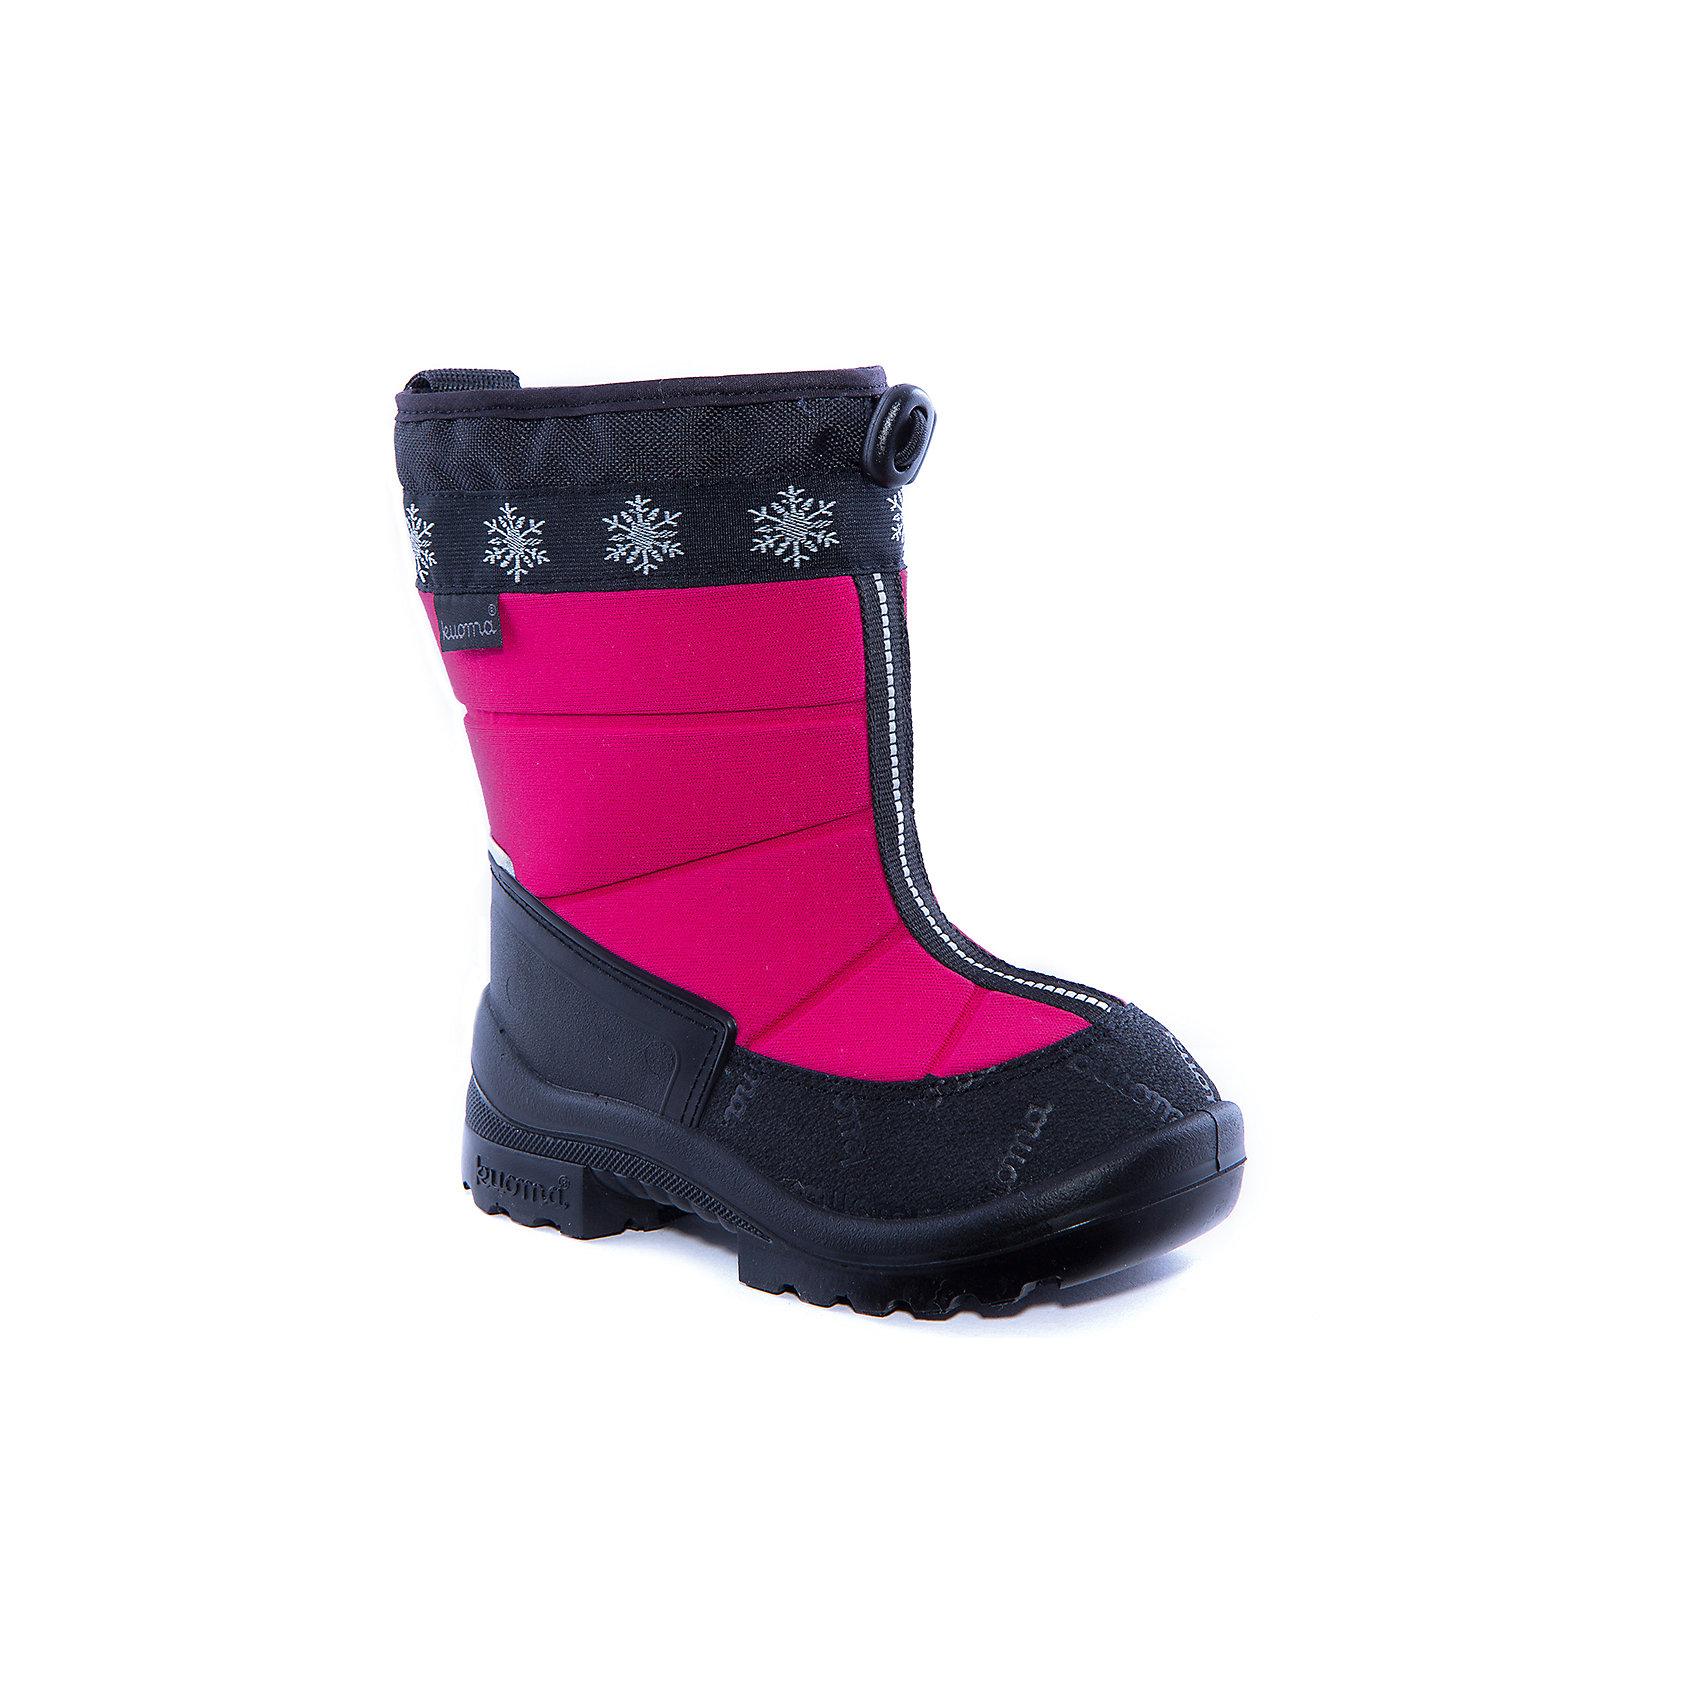 Сапоги Lumi Eskimo для девочки KUOMAОбувь<br>Характеристики товара:<br><br>• цвет: розовый<br>• температурный режим: от -5° С до -30° С<br>• внешний материал: текстиль <br>• подкладка: искусственный материал <br>• стелька: искусственный мех<br>• подошва: полиуретан<br>• светоотражающие детали<br>• амортизирующая износостойкая подошва<br>• сменная стелька<br>• верх  - с влагоотталкивающей обработкой<br>• страна бренда: Финляндия<br>• страна изготовитель: Финляндия<br><br>Во всех валенках Kuoma до 26 размера включительно утеплитель – натуральная шерсть, начиная с 27 размера – искусственный мех <br><br>Стильные сапожки для ребенка от известного бренда детской обуви KUOMA (Куома) созданы специально для холодной погоды. Качественные материалы с пропиткой против грязи и воды и модный дизайн понравятся и малышам и их родителям. Подошва и стелька обеспечат ребенку комфорт, сухость и тепло, позволяя в полной мере наслаждаться зимним отдыхом. Усиленная защита пятки и носка обеспечивает дополнительную безопасность детских ног в этих сапожках.<br>Эта красивая и удобная обувь прослужит долго благодаря известному качеству финских товаров. Производитель предусмотрел даже светоотражающие детали и амортизирующие свойства подошвы! Модель производится из качественных и проверенных материалов, которые безопасны для детей.<br><br>Зимние сапоги для девочки от бренда KUOMA (Куома) можно купить в нашем интернет-магазине.<br><br>Ширина мм: 257<br>Глубина мм: 180<br>Высота мм: 130<br>Вес г: 420<br>Цвет: розовый<br>Возраст от месяцев: 18<br>Возраст до месяцев: 21<br>Пол: Женский<br>Возраст: Детский<br>Размер: 23,22,21,26,27,28,30,32,33,35,34,31,29,25,24<br>SKU: 3756601